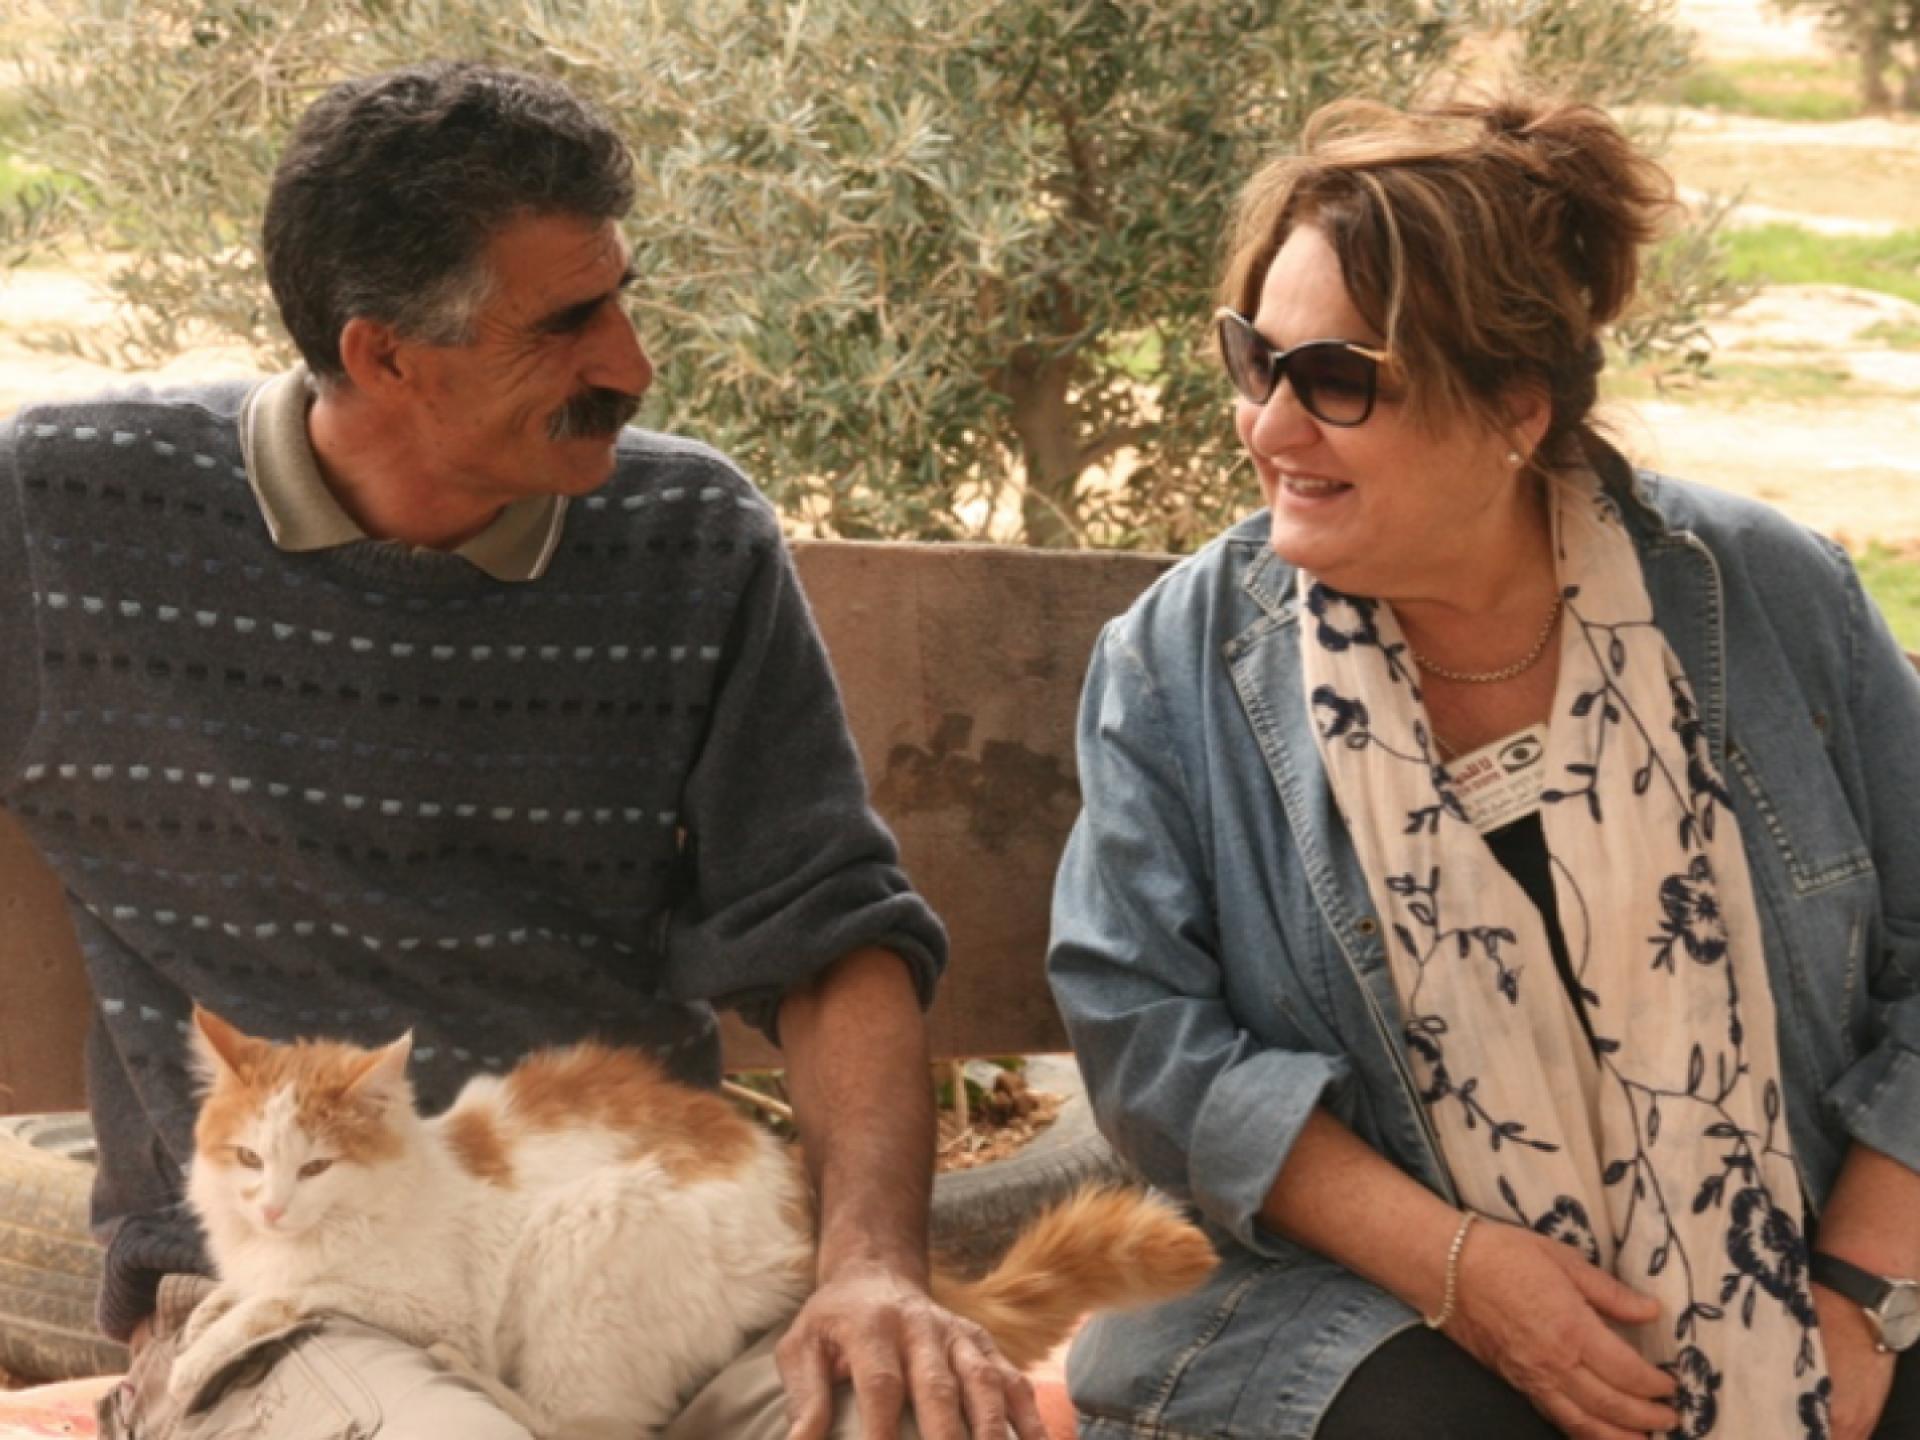 איש, אישה וחתול בשיחה